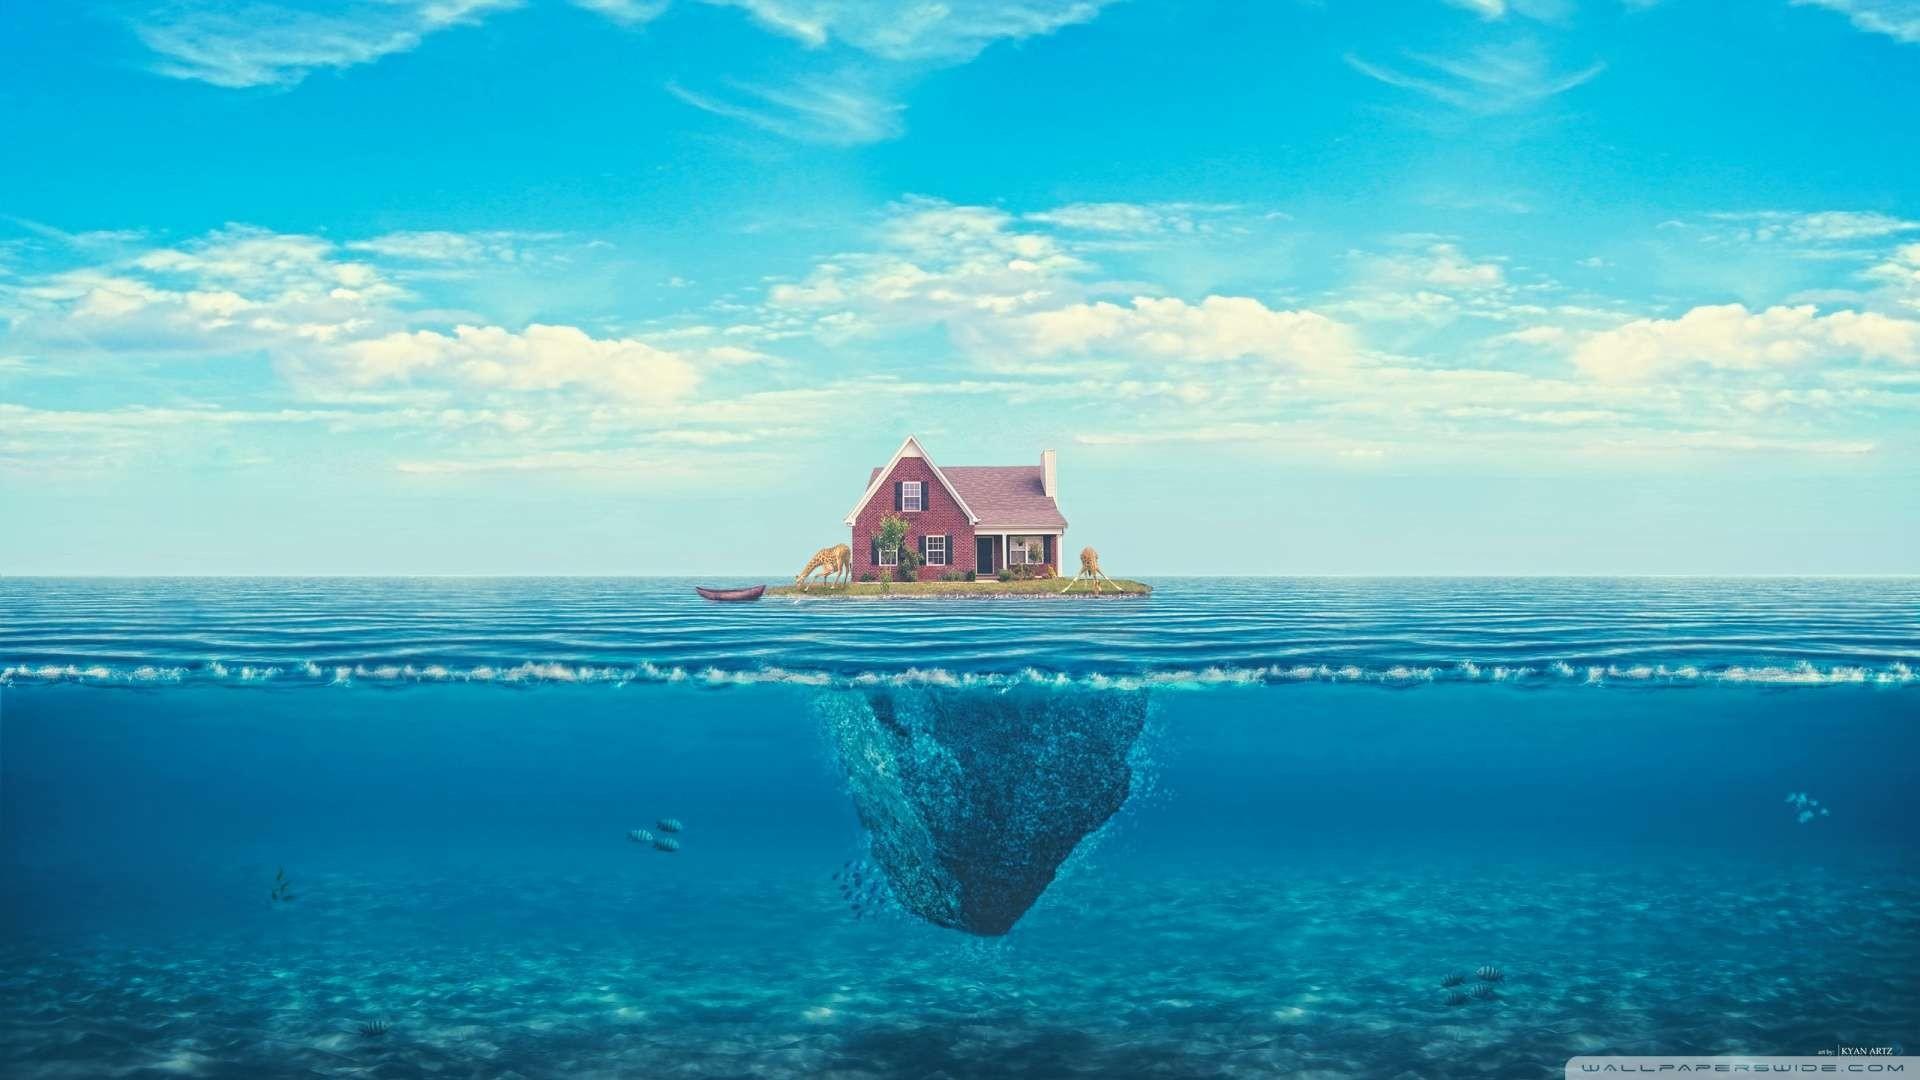 1080p wallpaper ocean 68